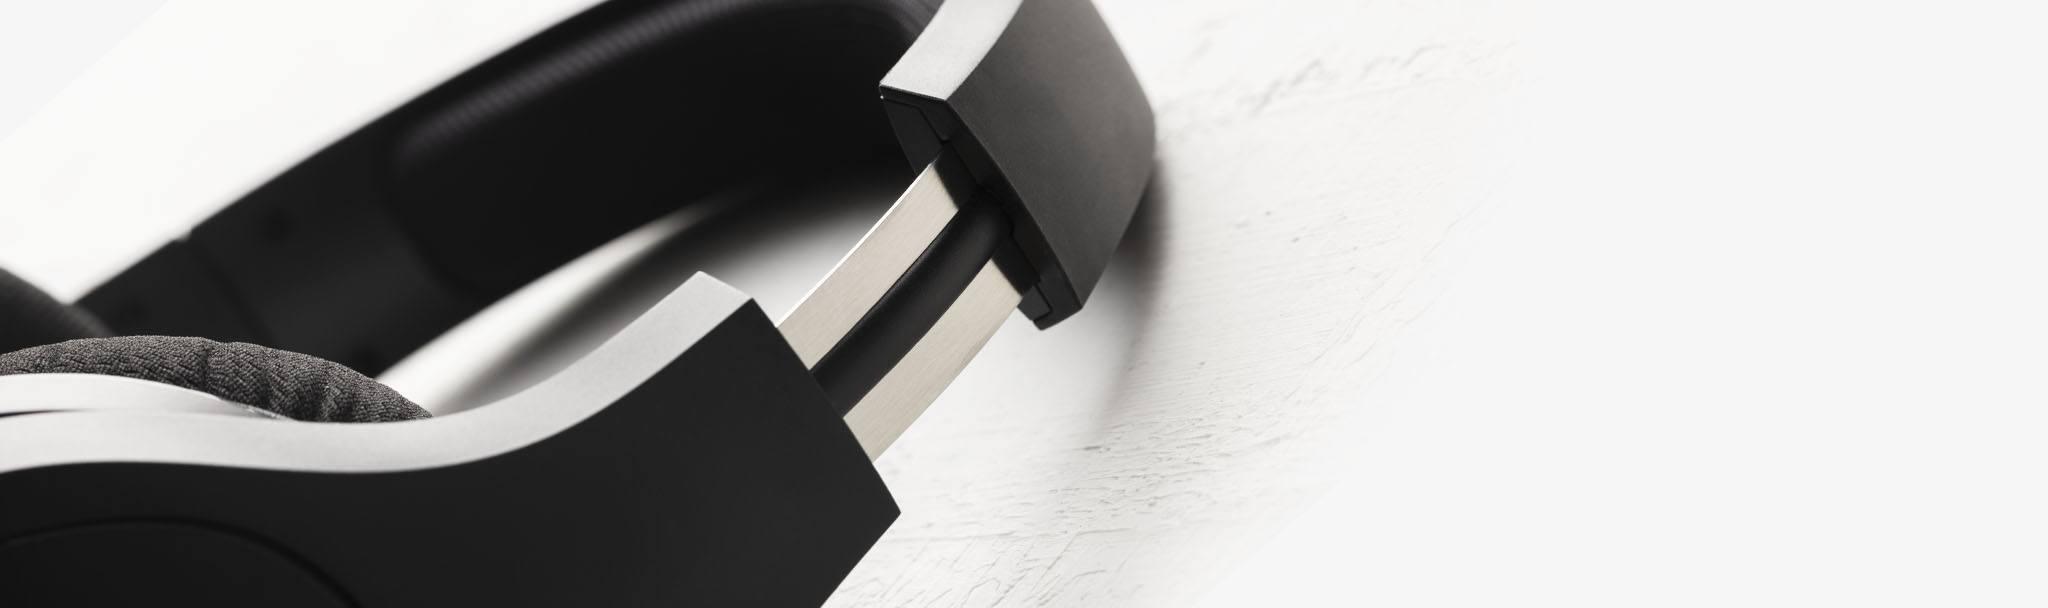 Thanh trượt của Tai nghe Kingston HyperX CLOUD STINGER CORE 7.1 WIRELESS Black - HHSS1C-BA-BK/G có thể điều chỉnh dễ dàng